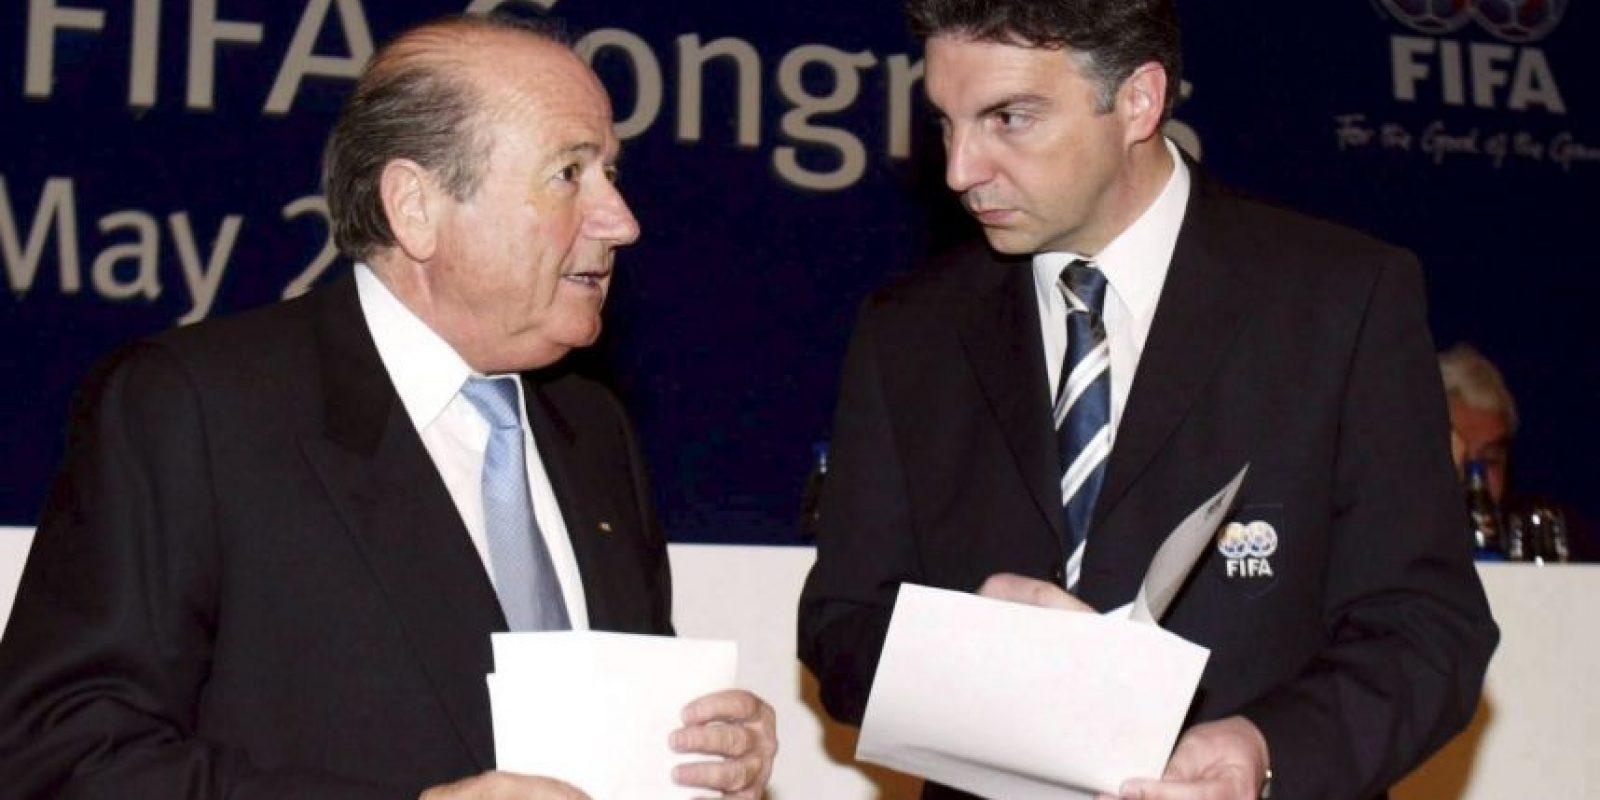 En 2010, un grupo de periodistas del Sunday Time lograron engañar a Michel Zen Ruffinen, exsecretario general de la FIFA, y lo grabaron cuando confesó la manera en que se compraban los votos para elegir las sedes de los Mundiales. Foto:Getty Images